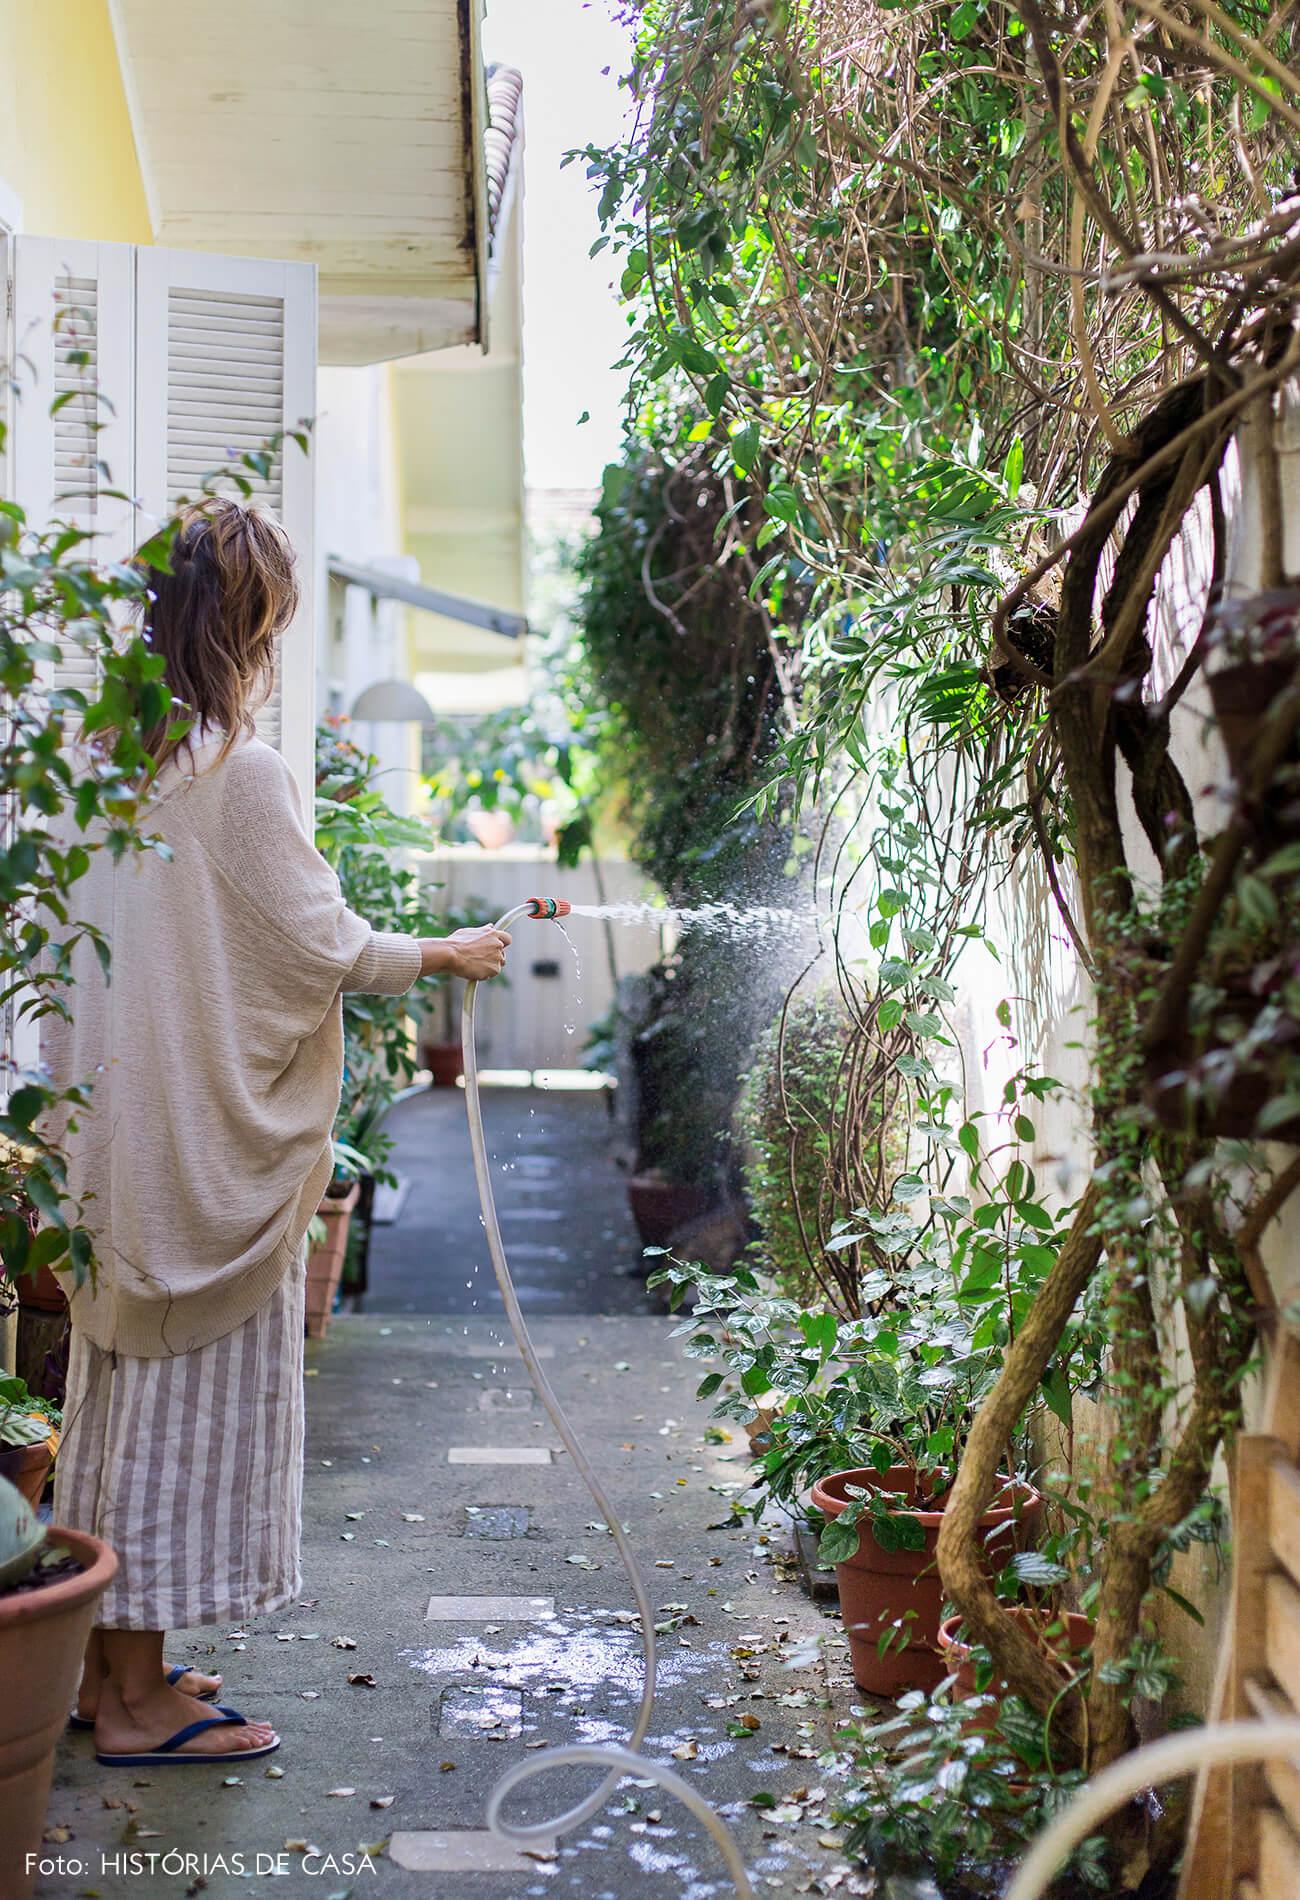 Casa com corredor lateral cheio de plantas